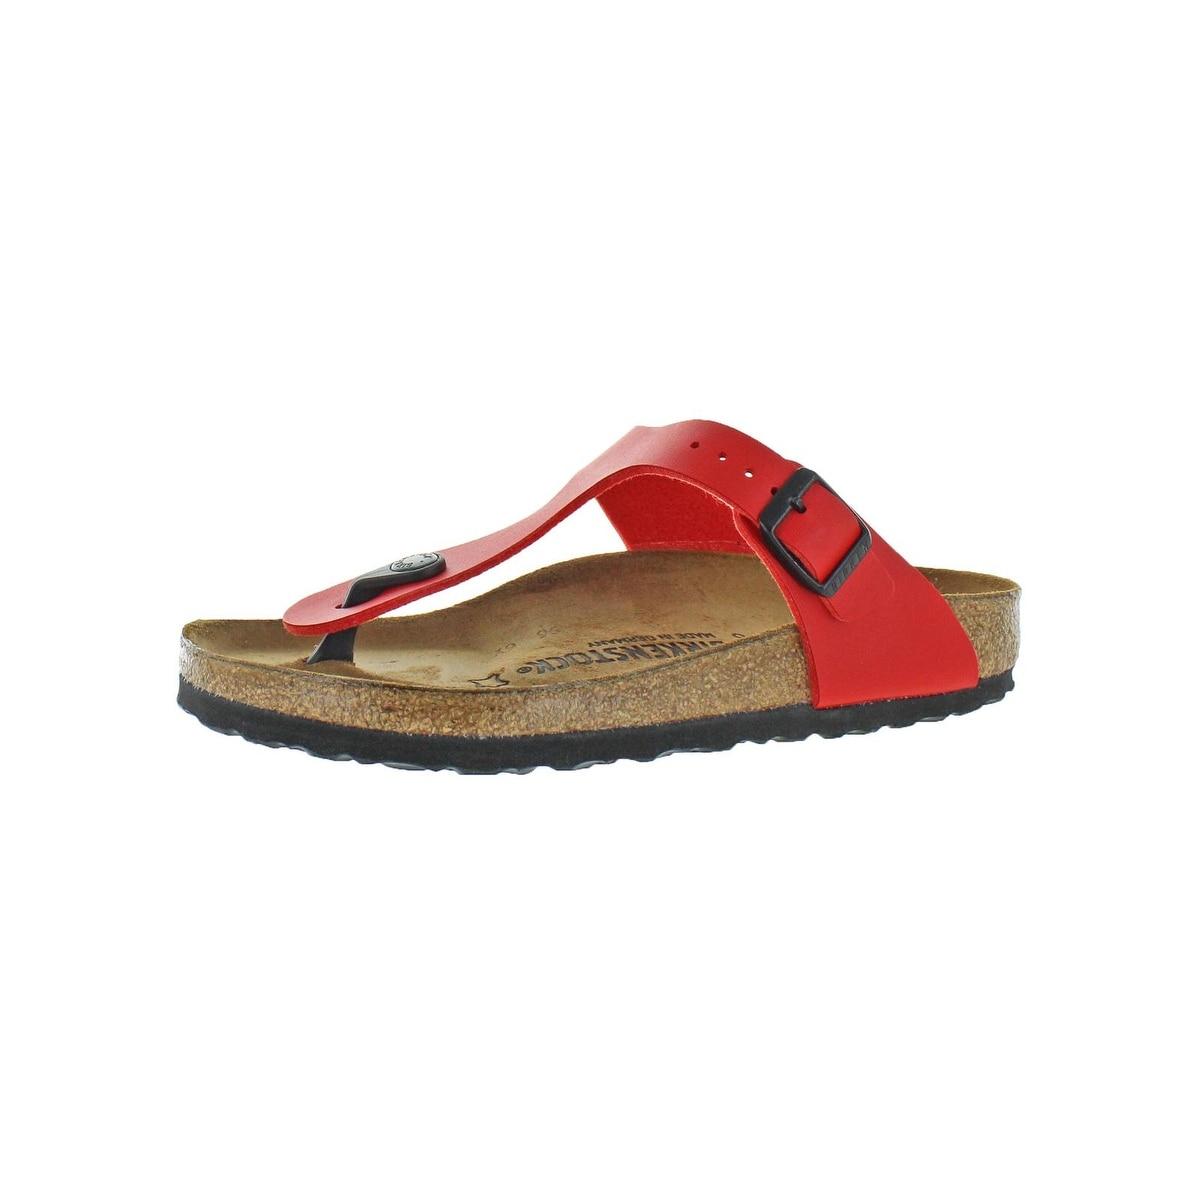 the best attitude 09c1c 5a16c Birkenstock Shoes | Shop our Best Clothing & Shoes Deals ...